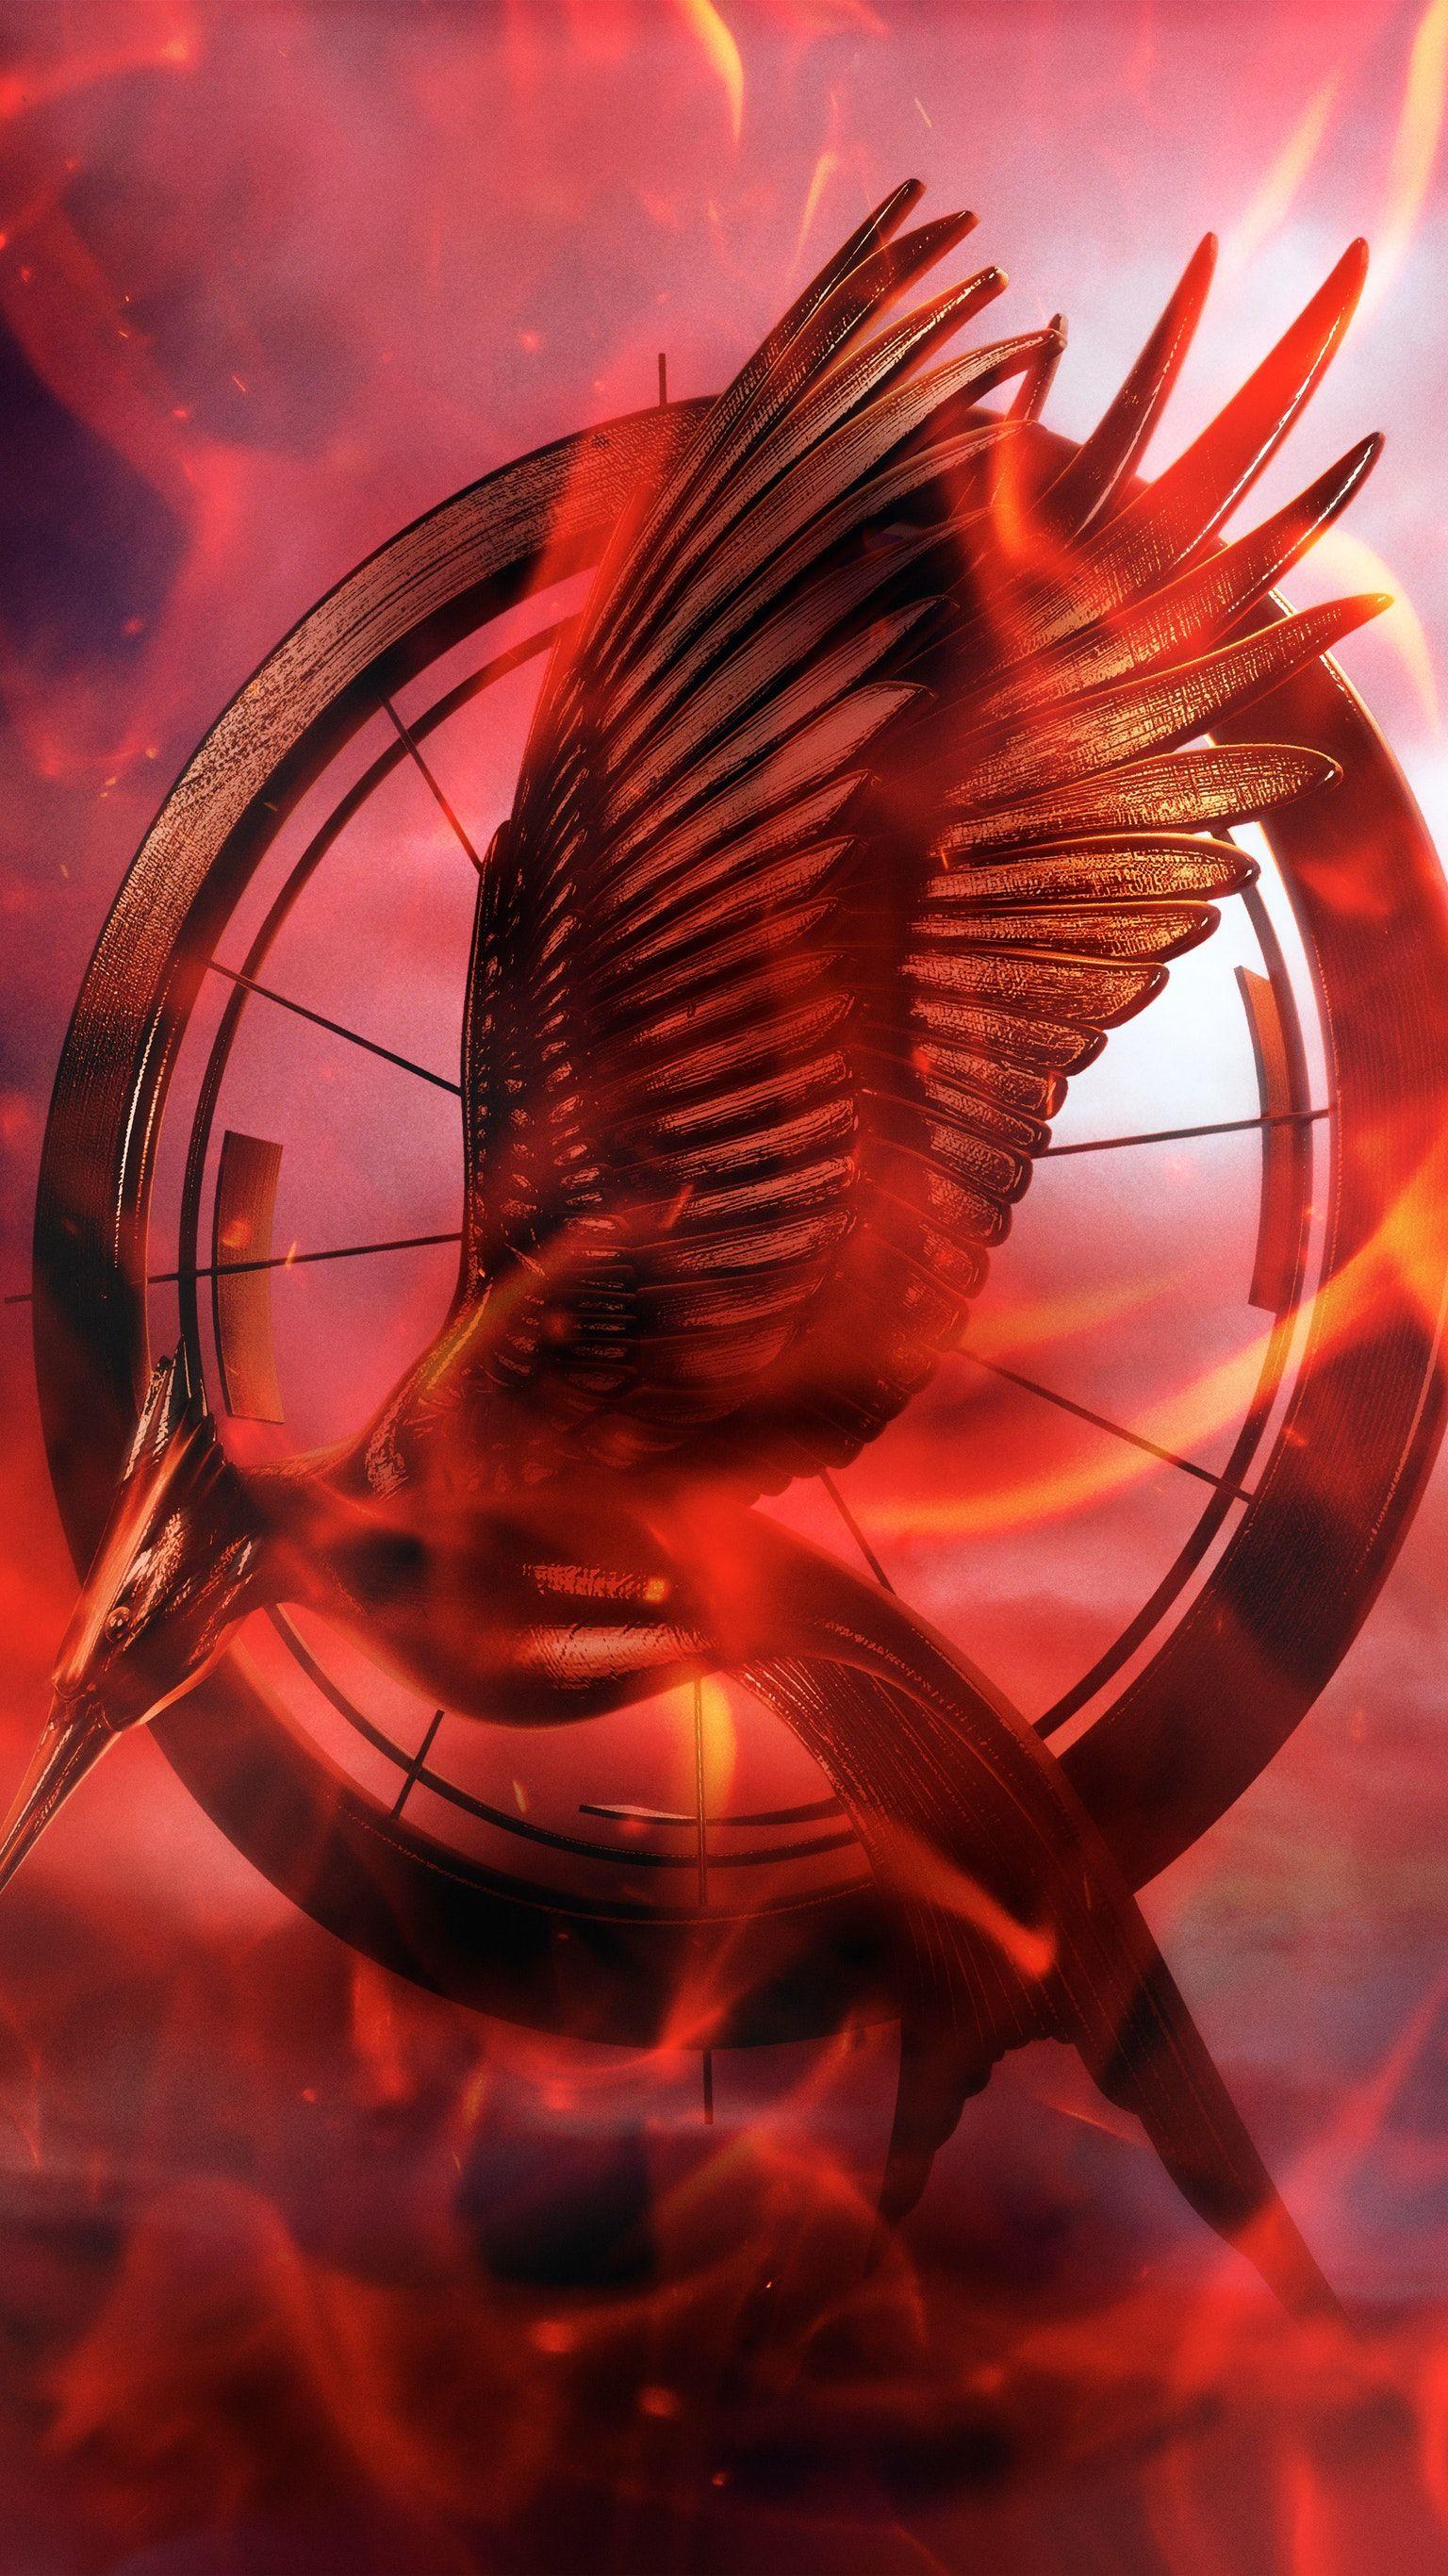 The Hunger Games Catching Fire 2013 Phone Wallpaper Moviemania Jogos Vorazes The Hunger Games Sagas De Livros